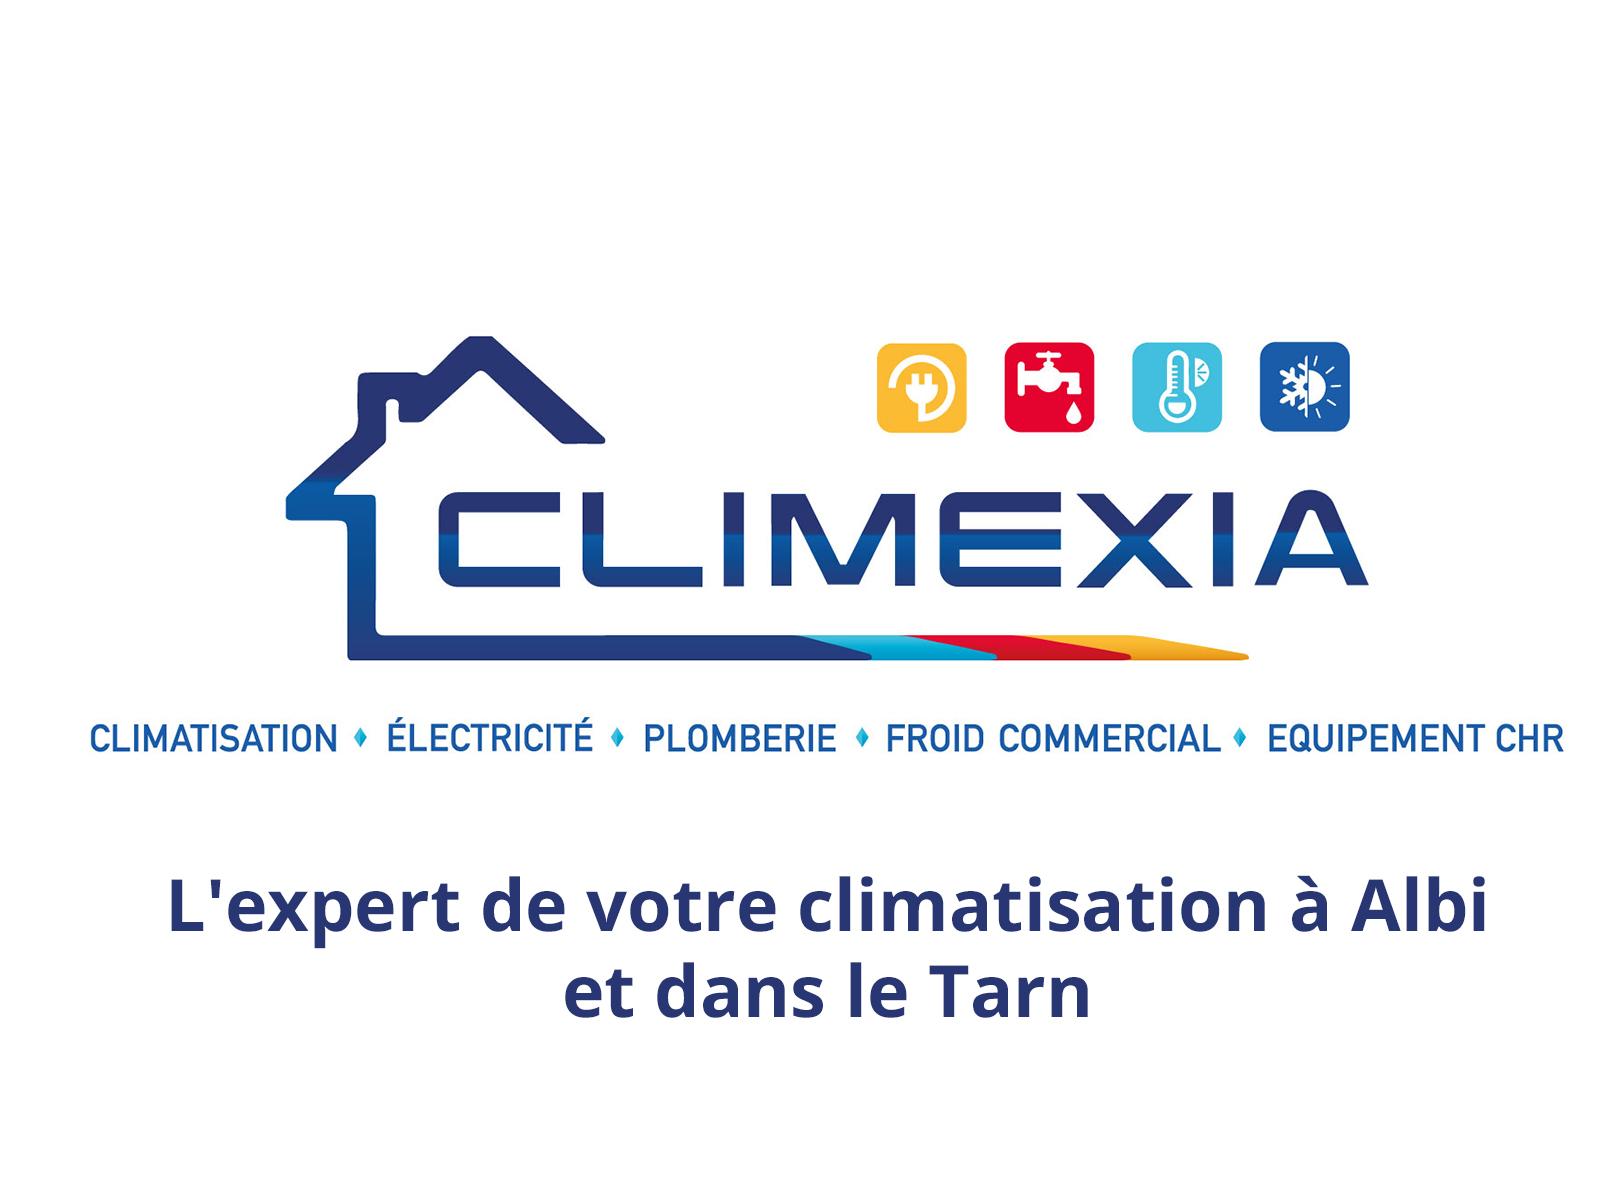 Climexia : Besoin d'une société pour la pose d'un système de climatisation ?